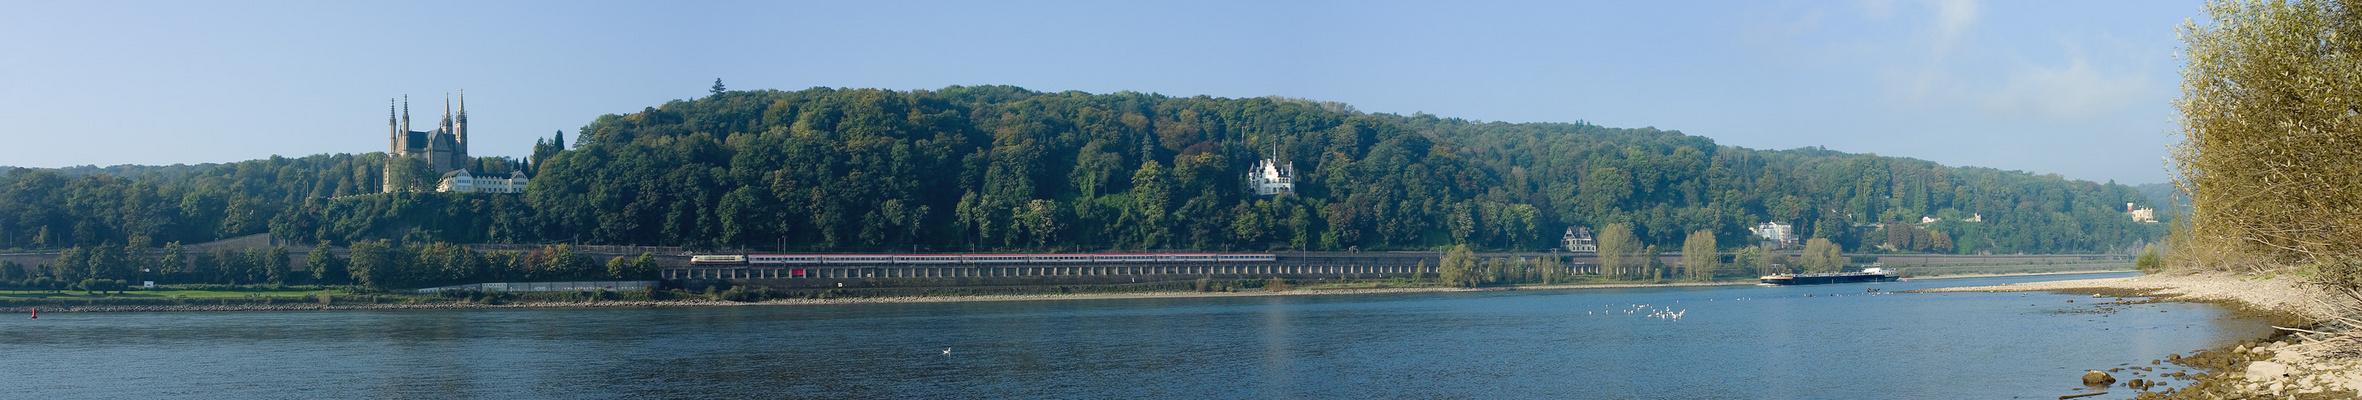 Morgens am Rhein